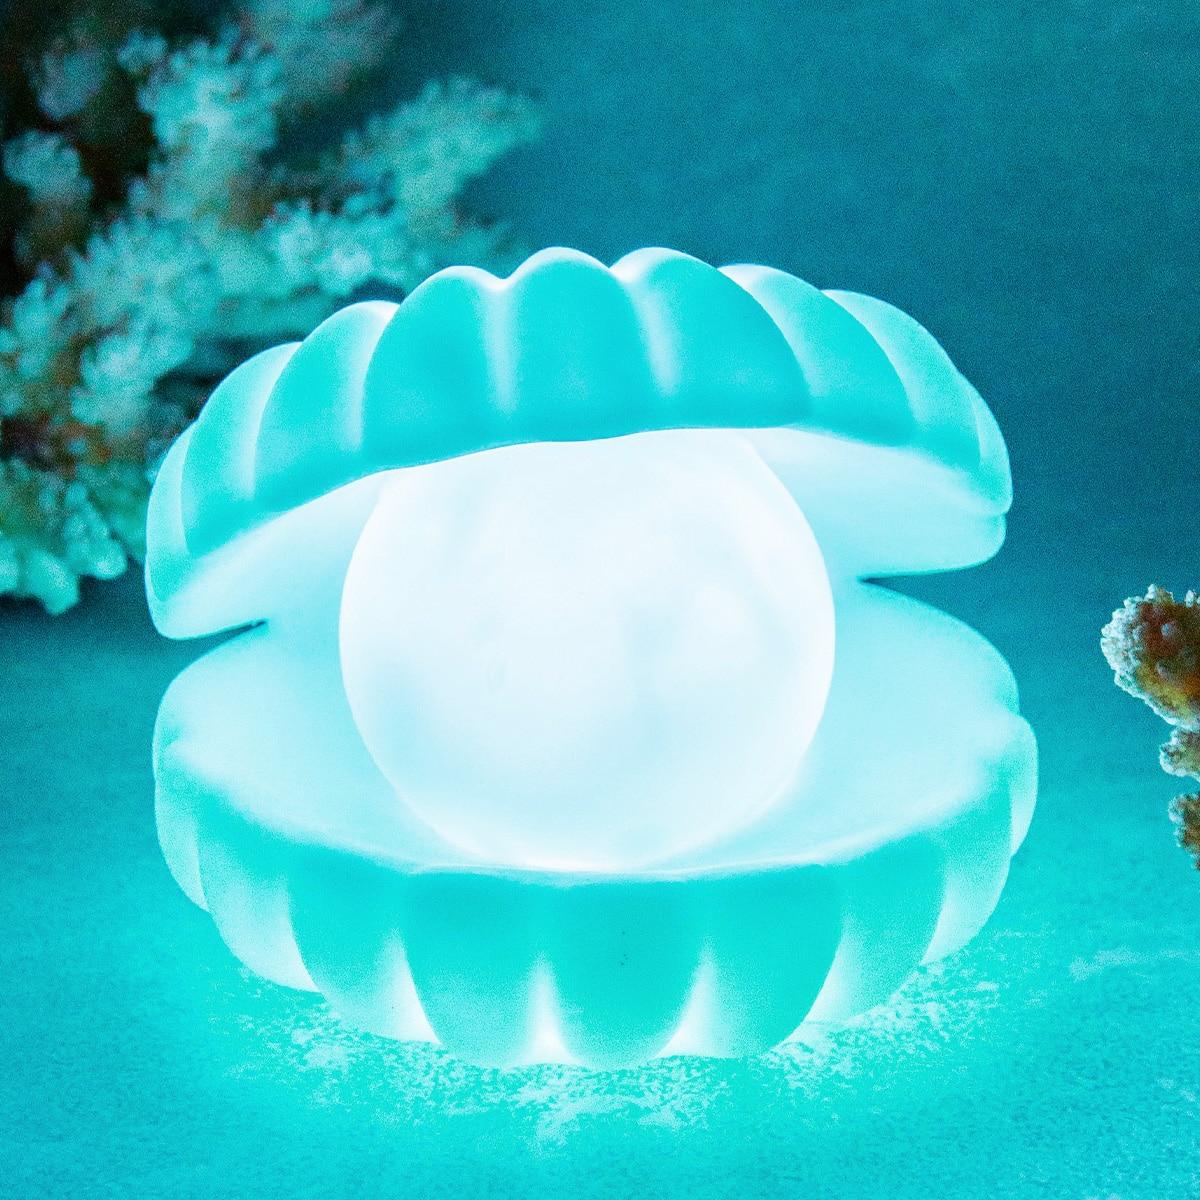 1 Stück Nachtlampe mit Perlen Design